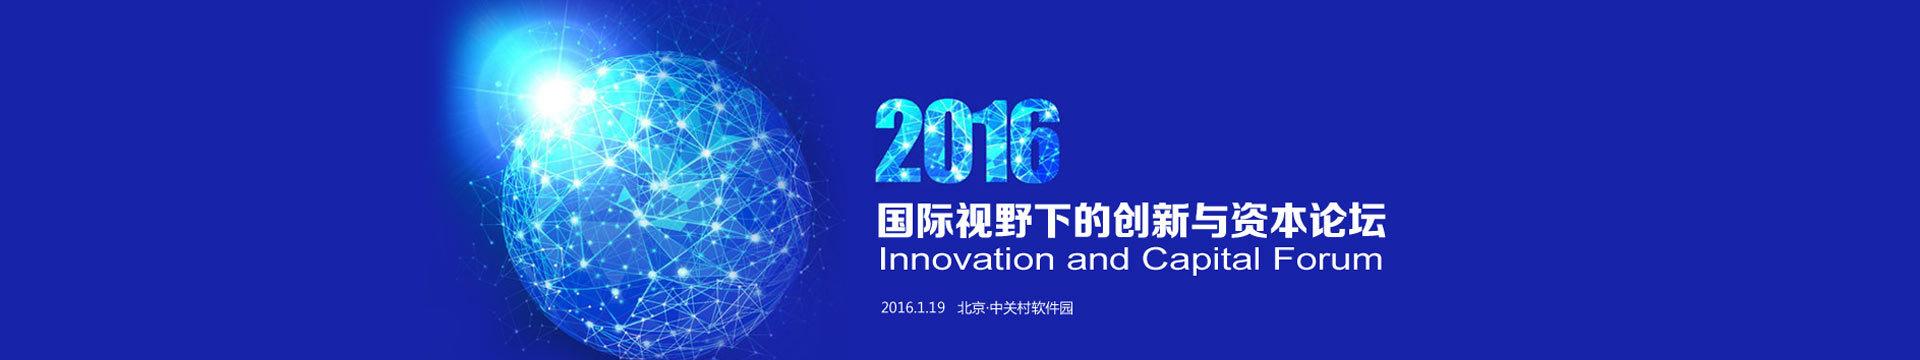 2016国际视野下的创新与资本论坛